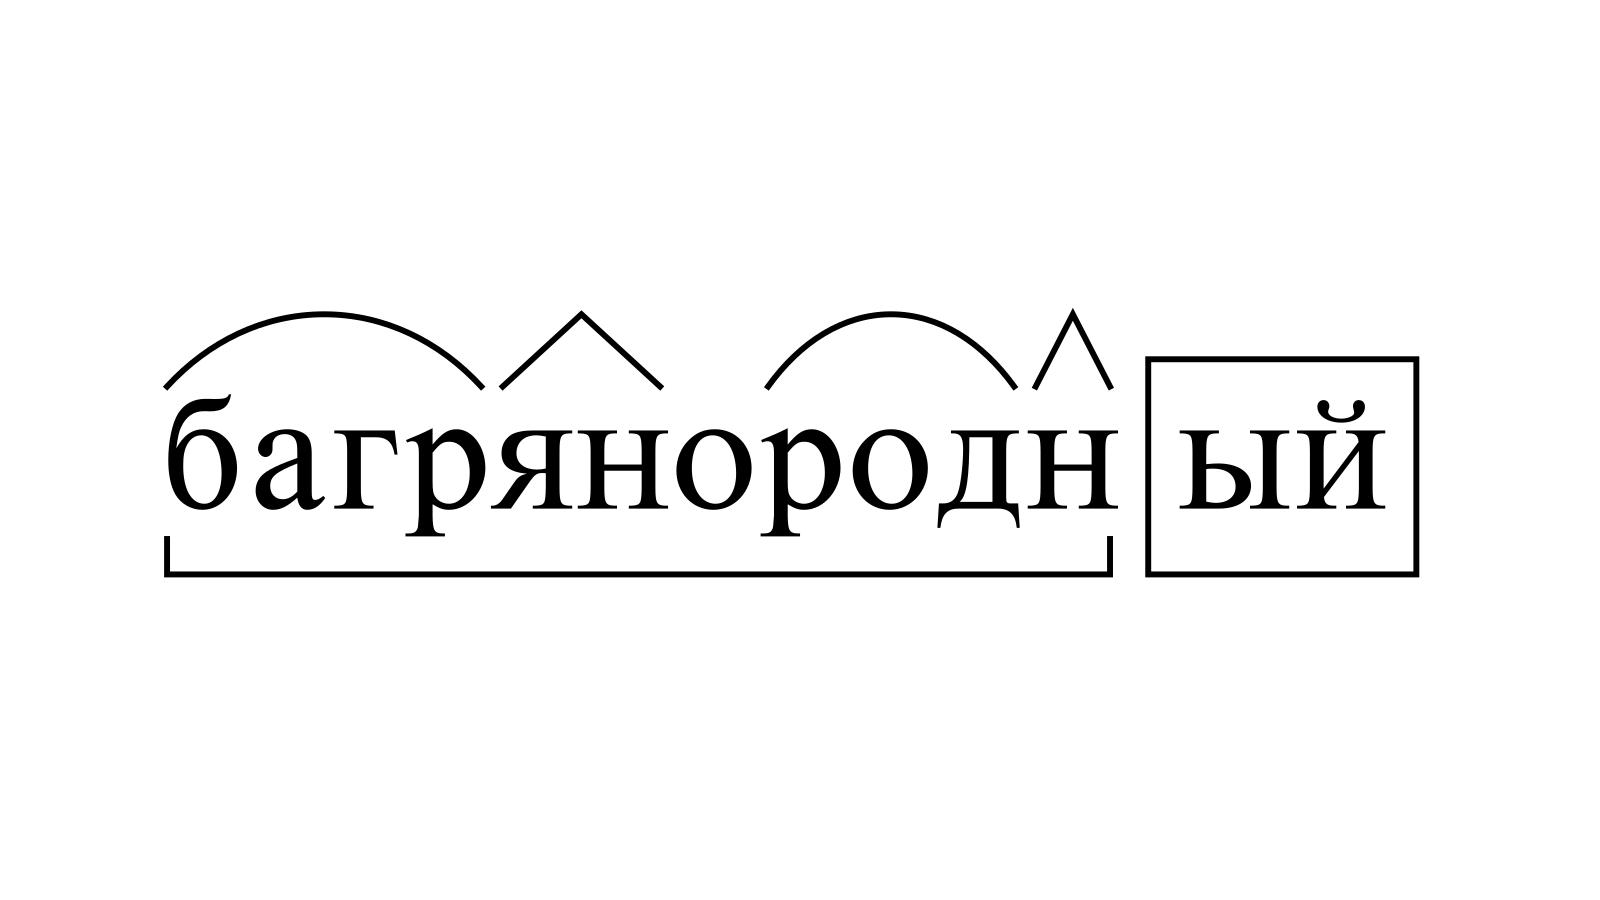 Разбор слова «багрянородный» по составу